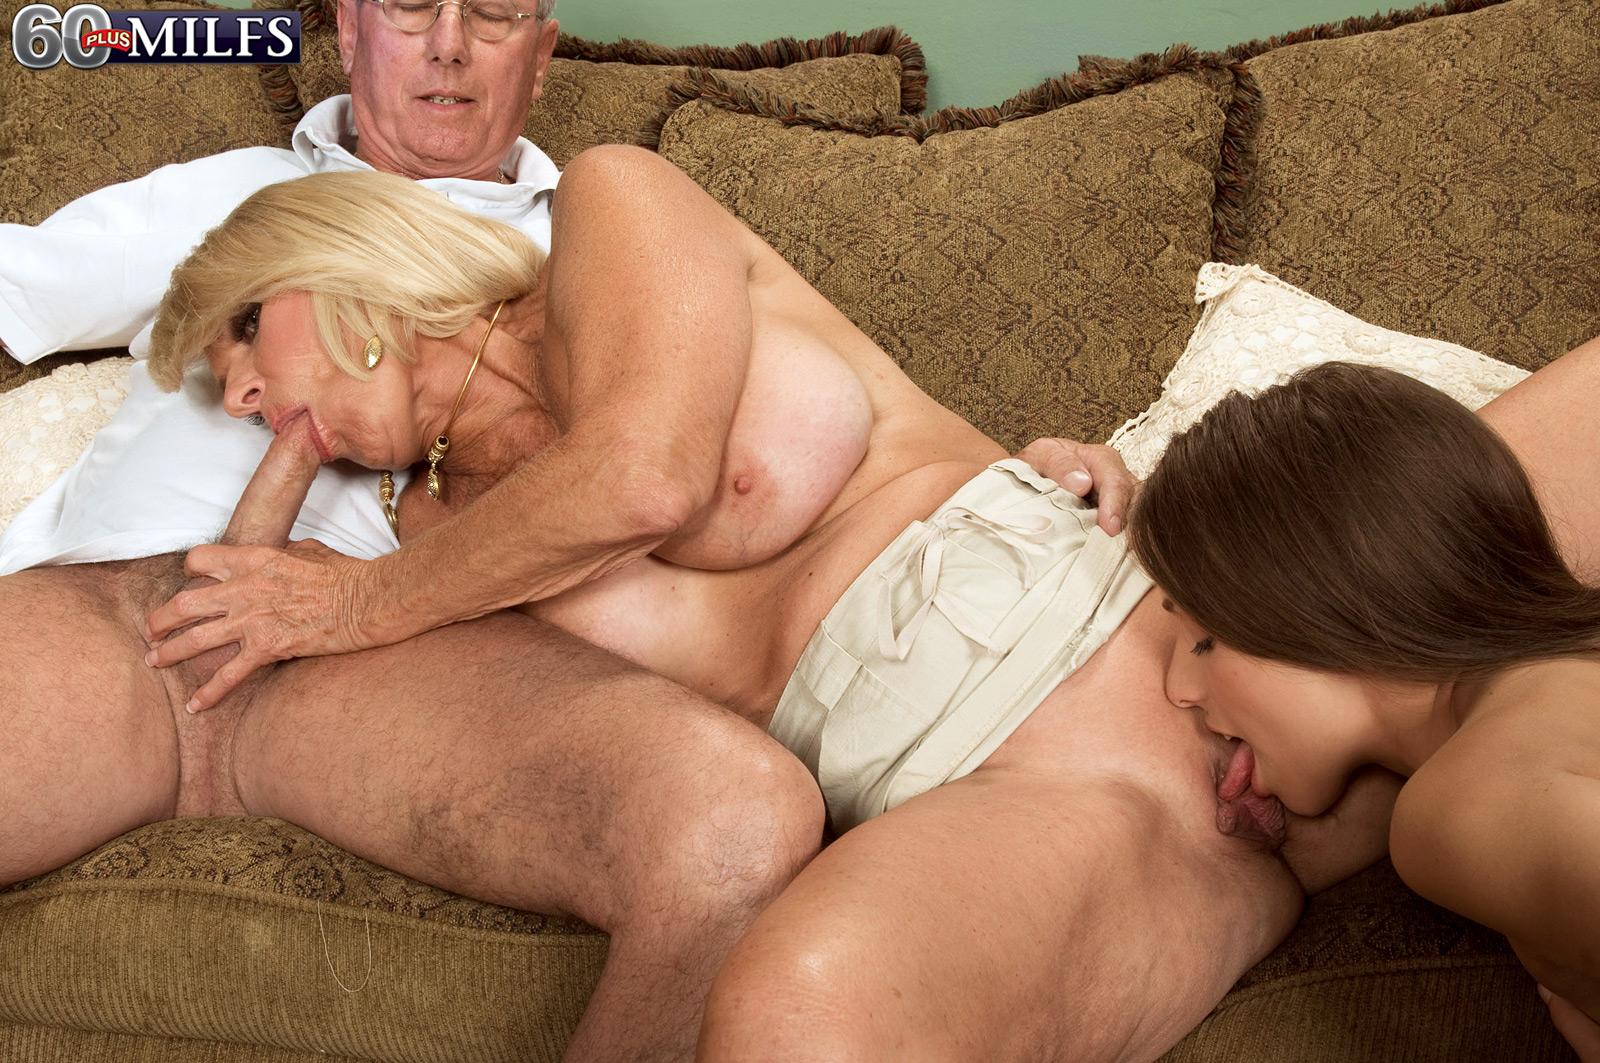 Эротрассказ дедушка и, Cекс с дедушкой подруги. Эротический рассказ 12 фотография